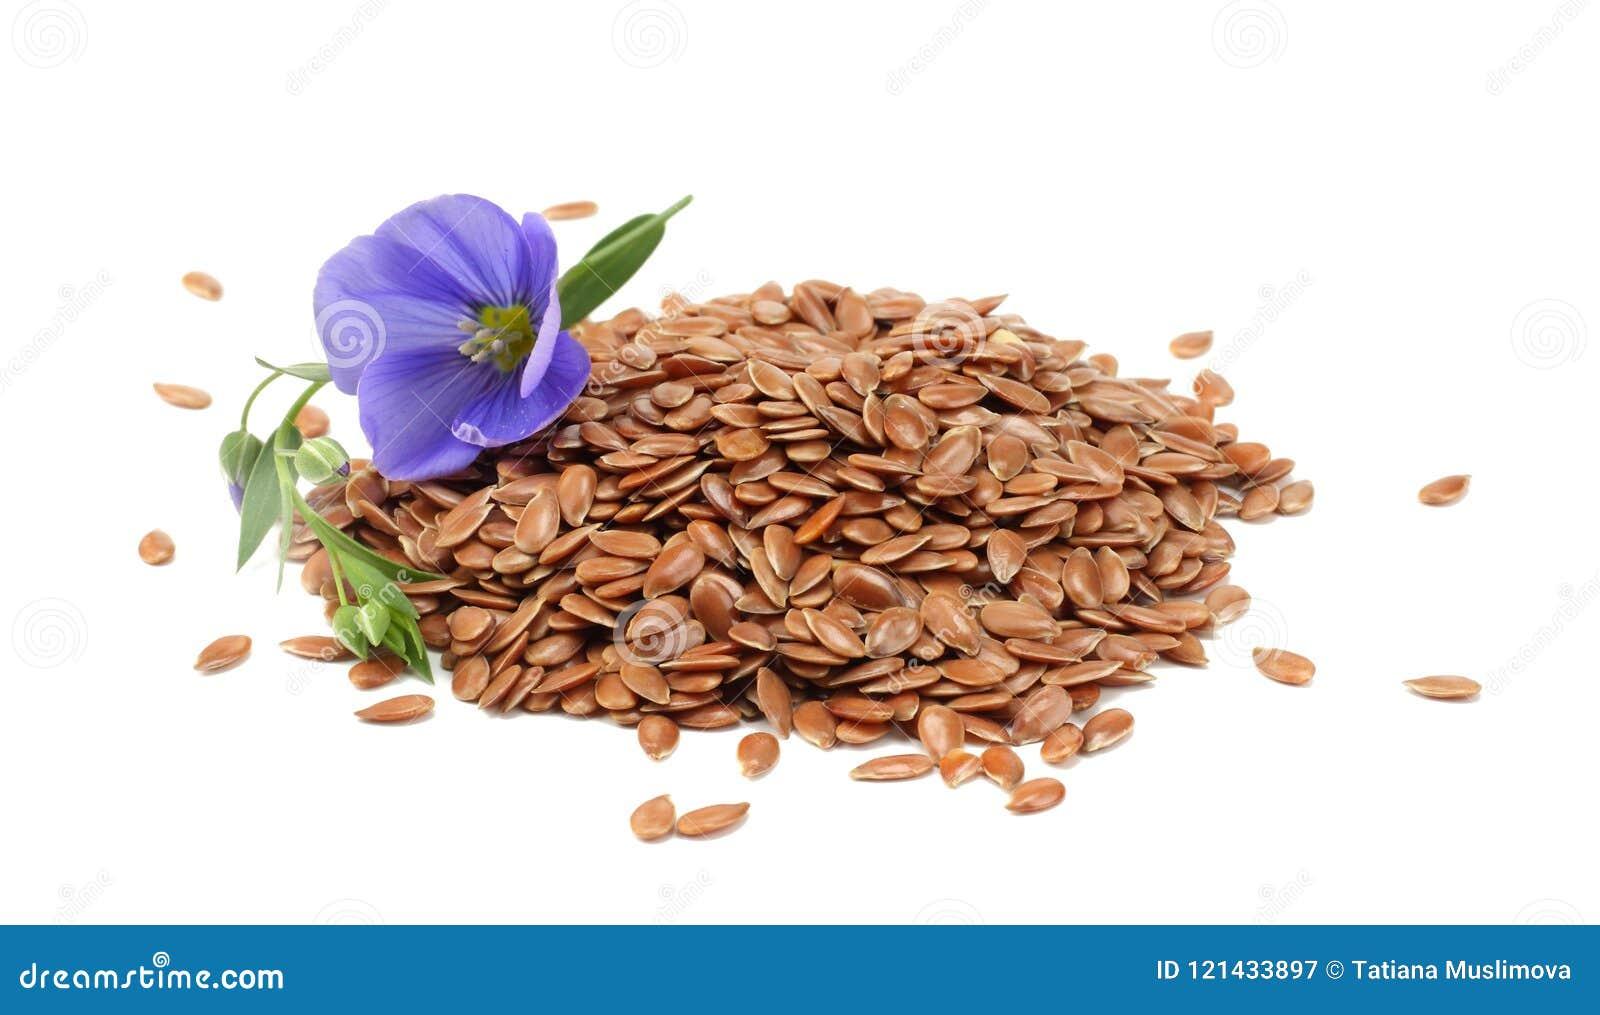 Σπόροι λιναριού με το λουλούδι που απομονώνεται στο άσπρο υπόβαθρο flaxseed ή λιναρόσπορος δημητριακά